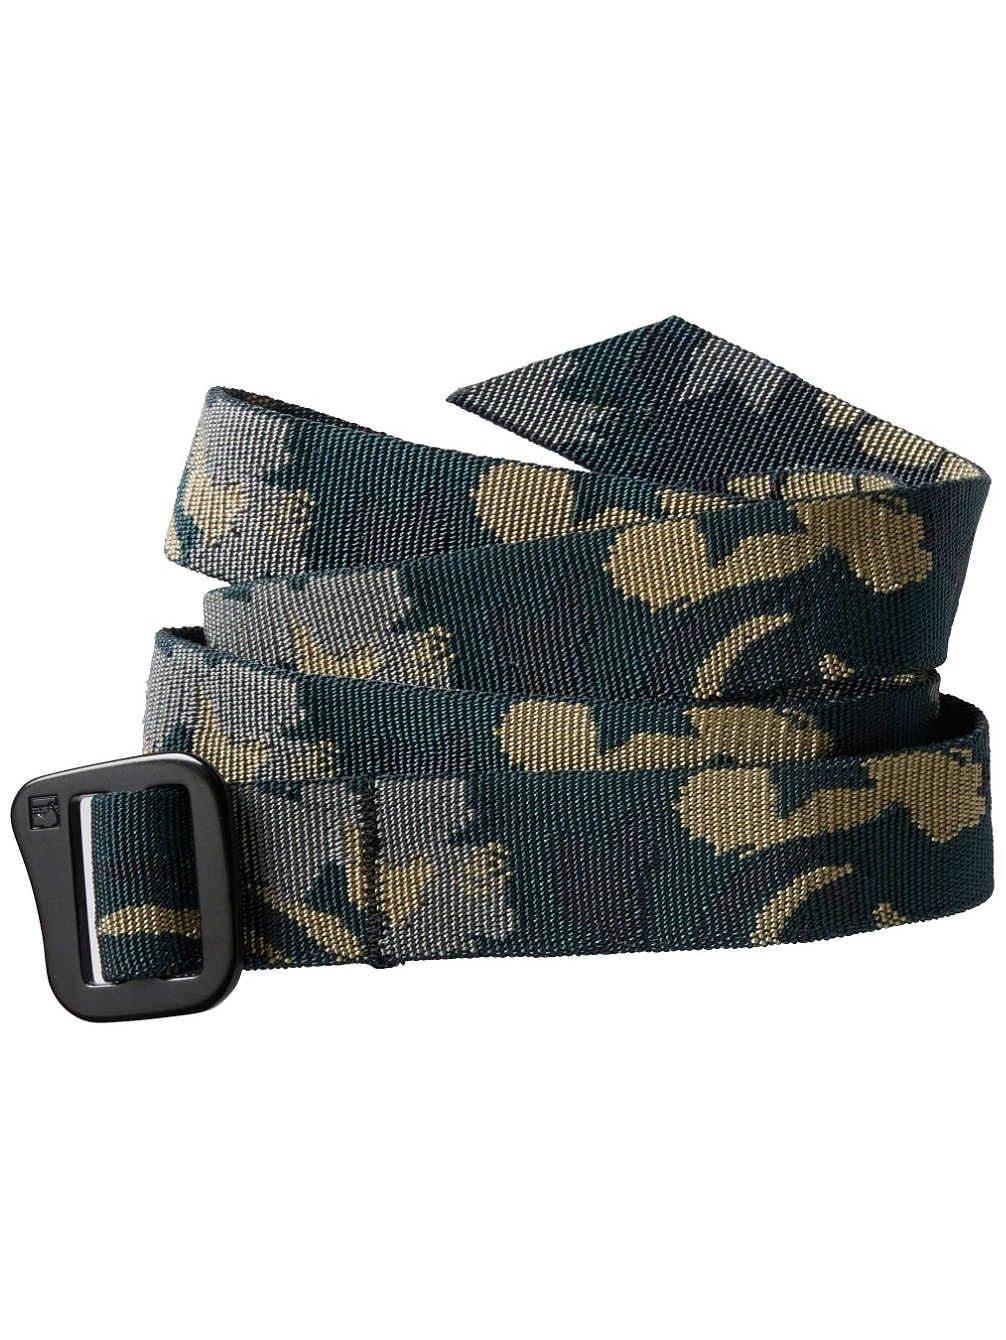 adad79fd4e32 Friction Belt - Ceinture  Amazon.fr  Vêtements et accessoires